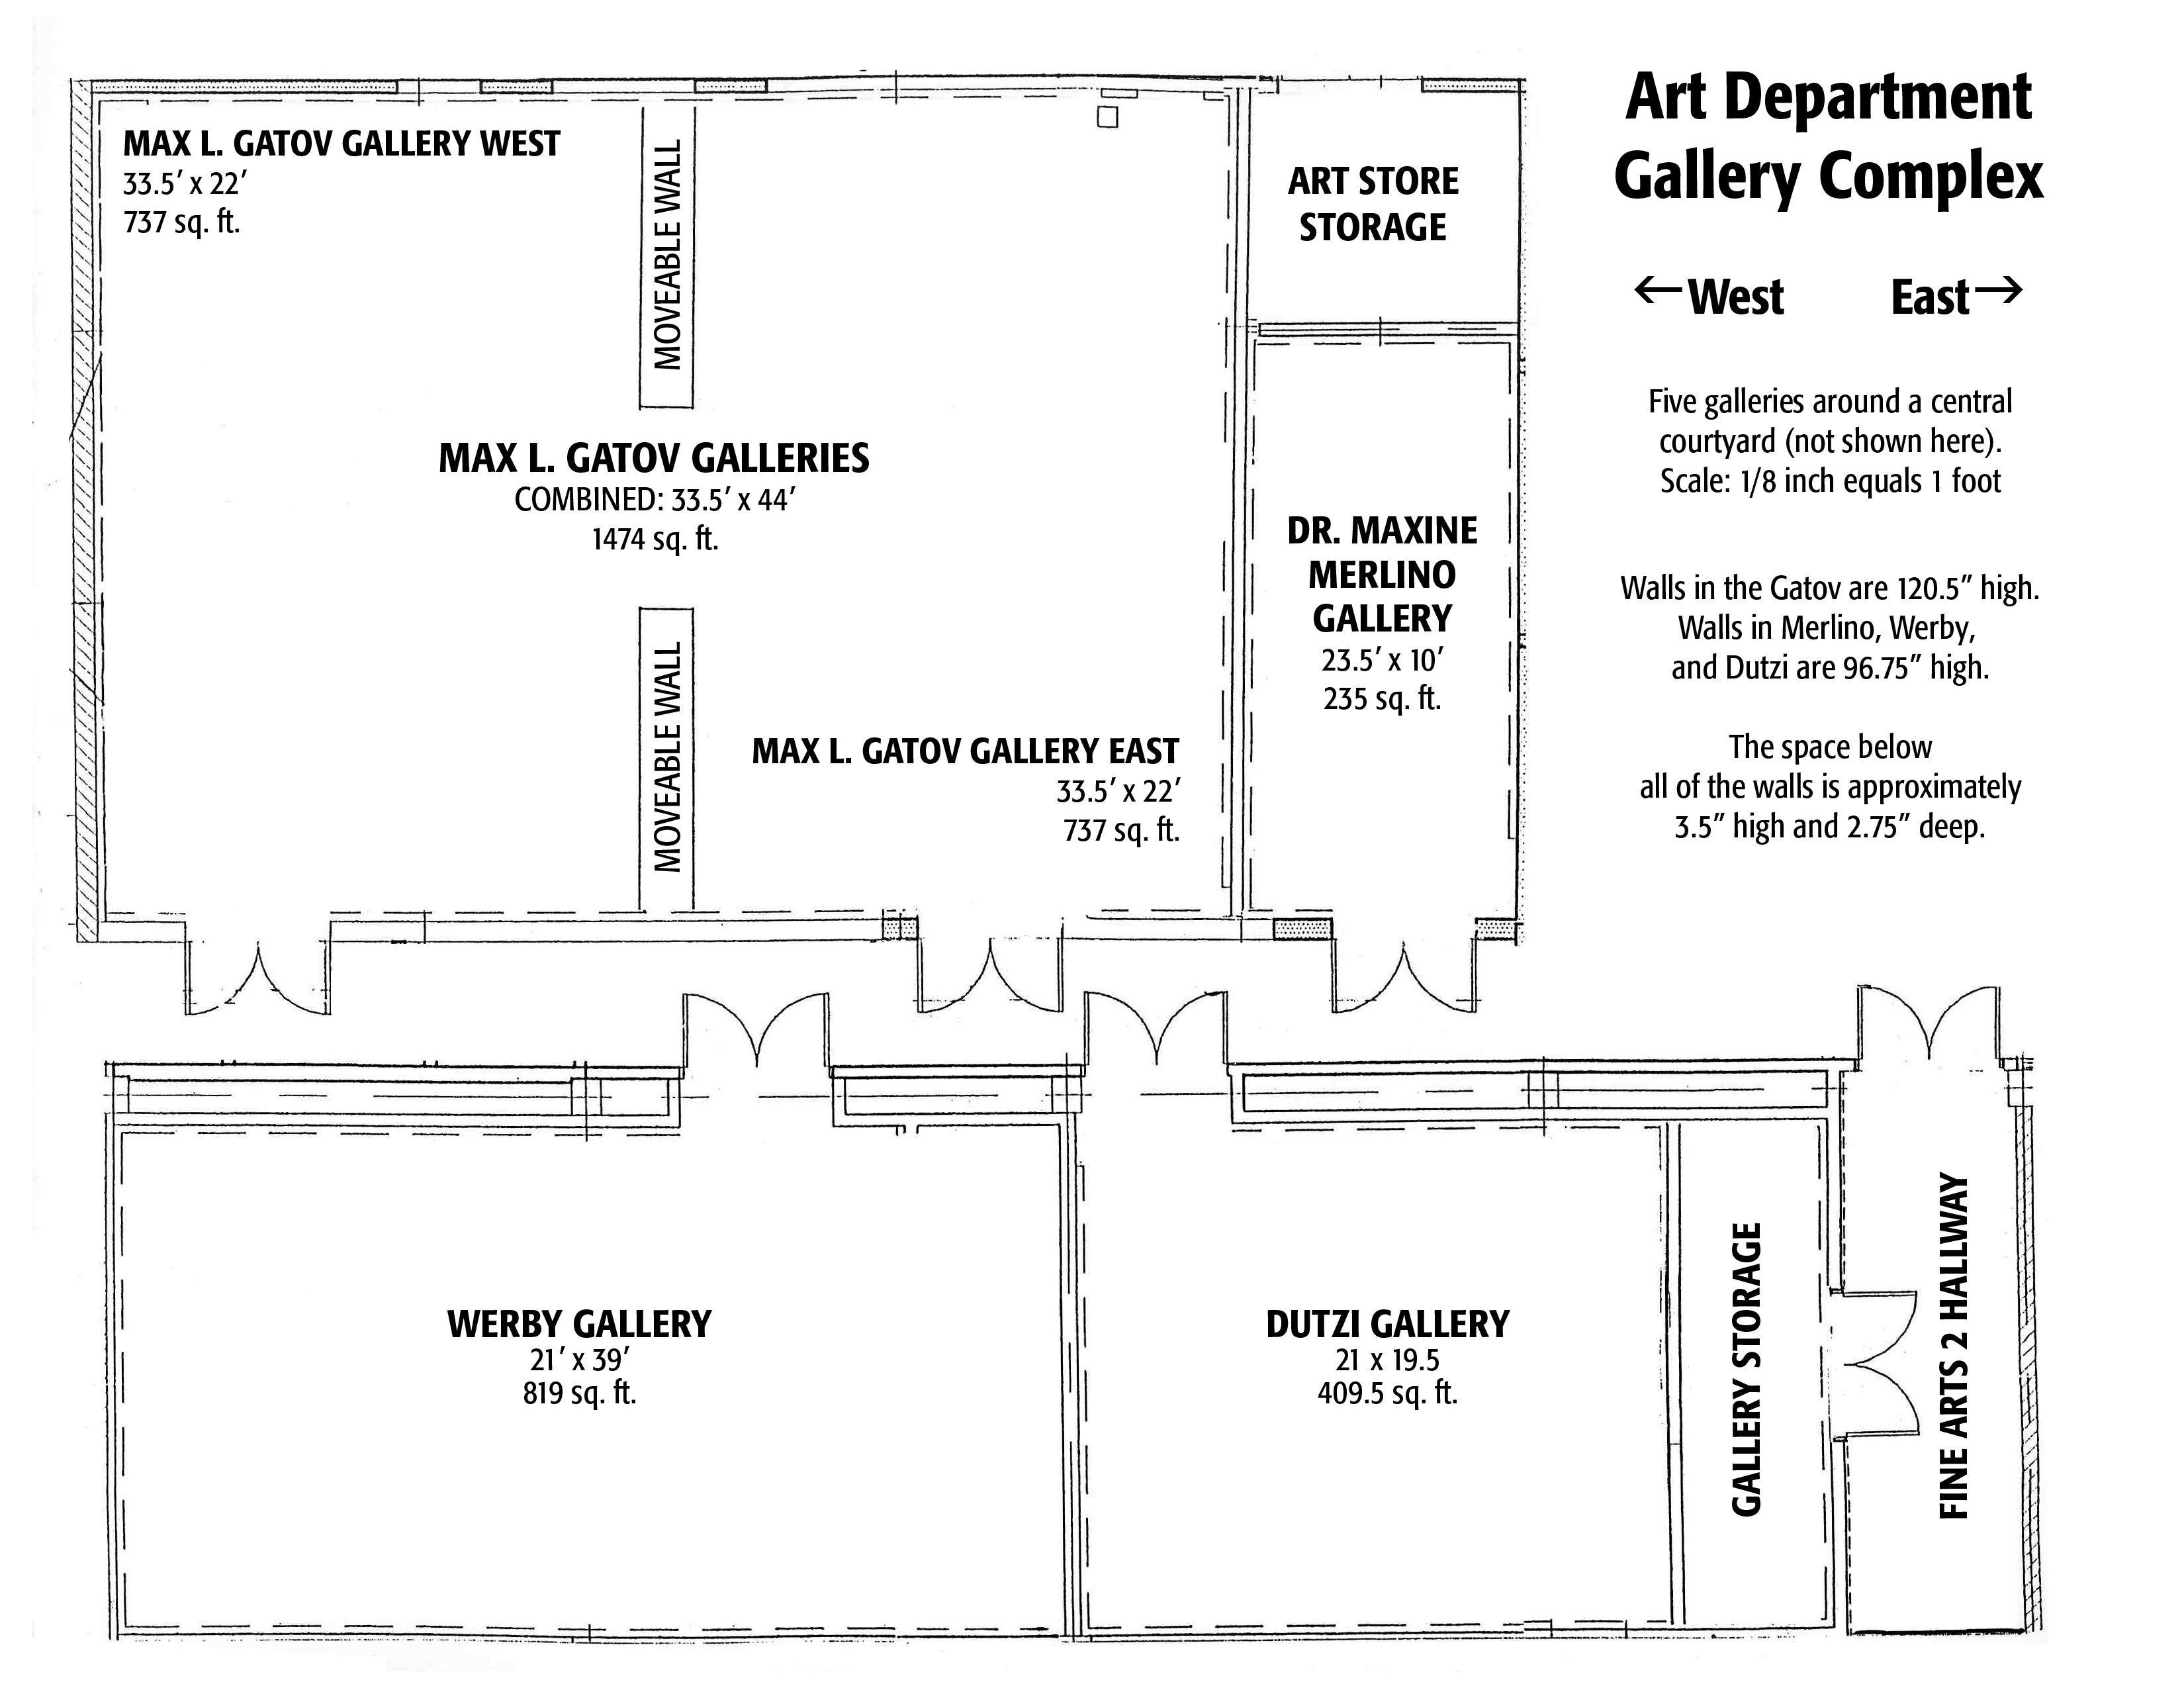 Art Gallery Floor Plans image handicrafts exhibition Pinterest